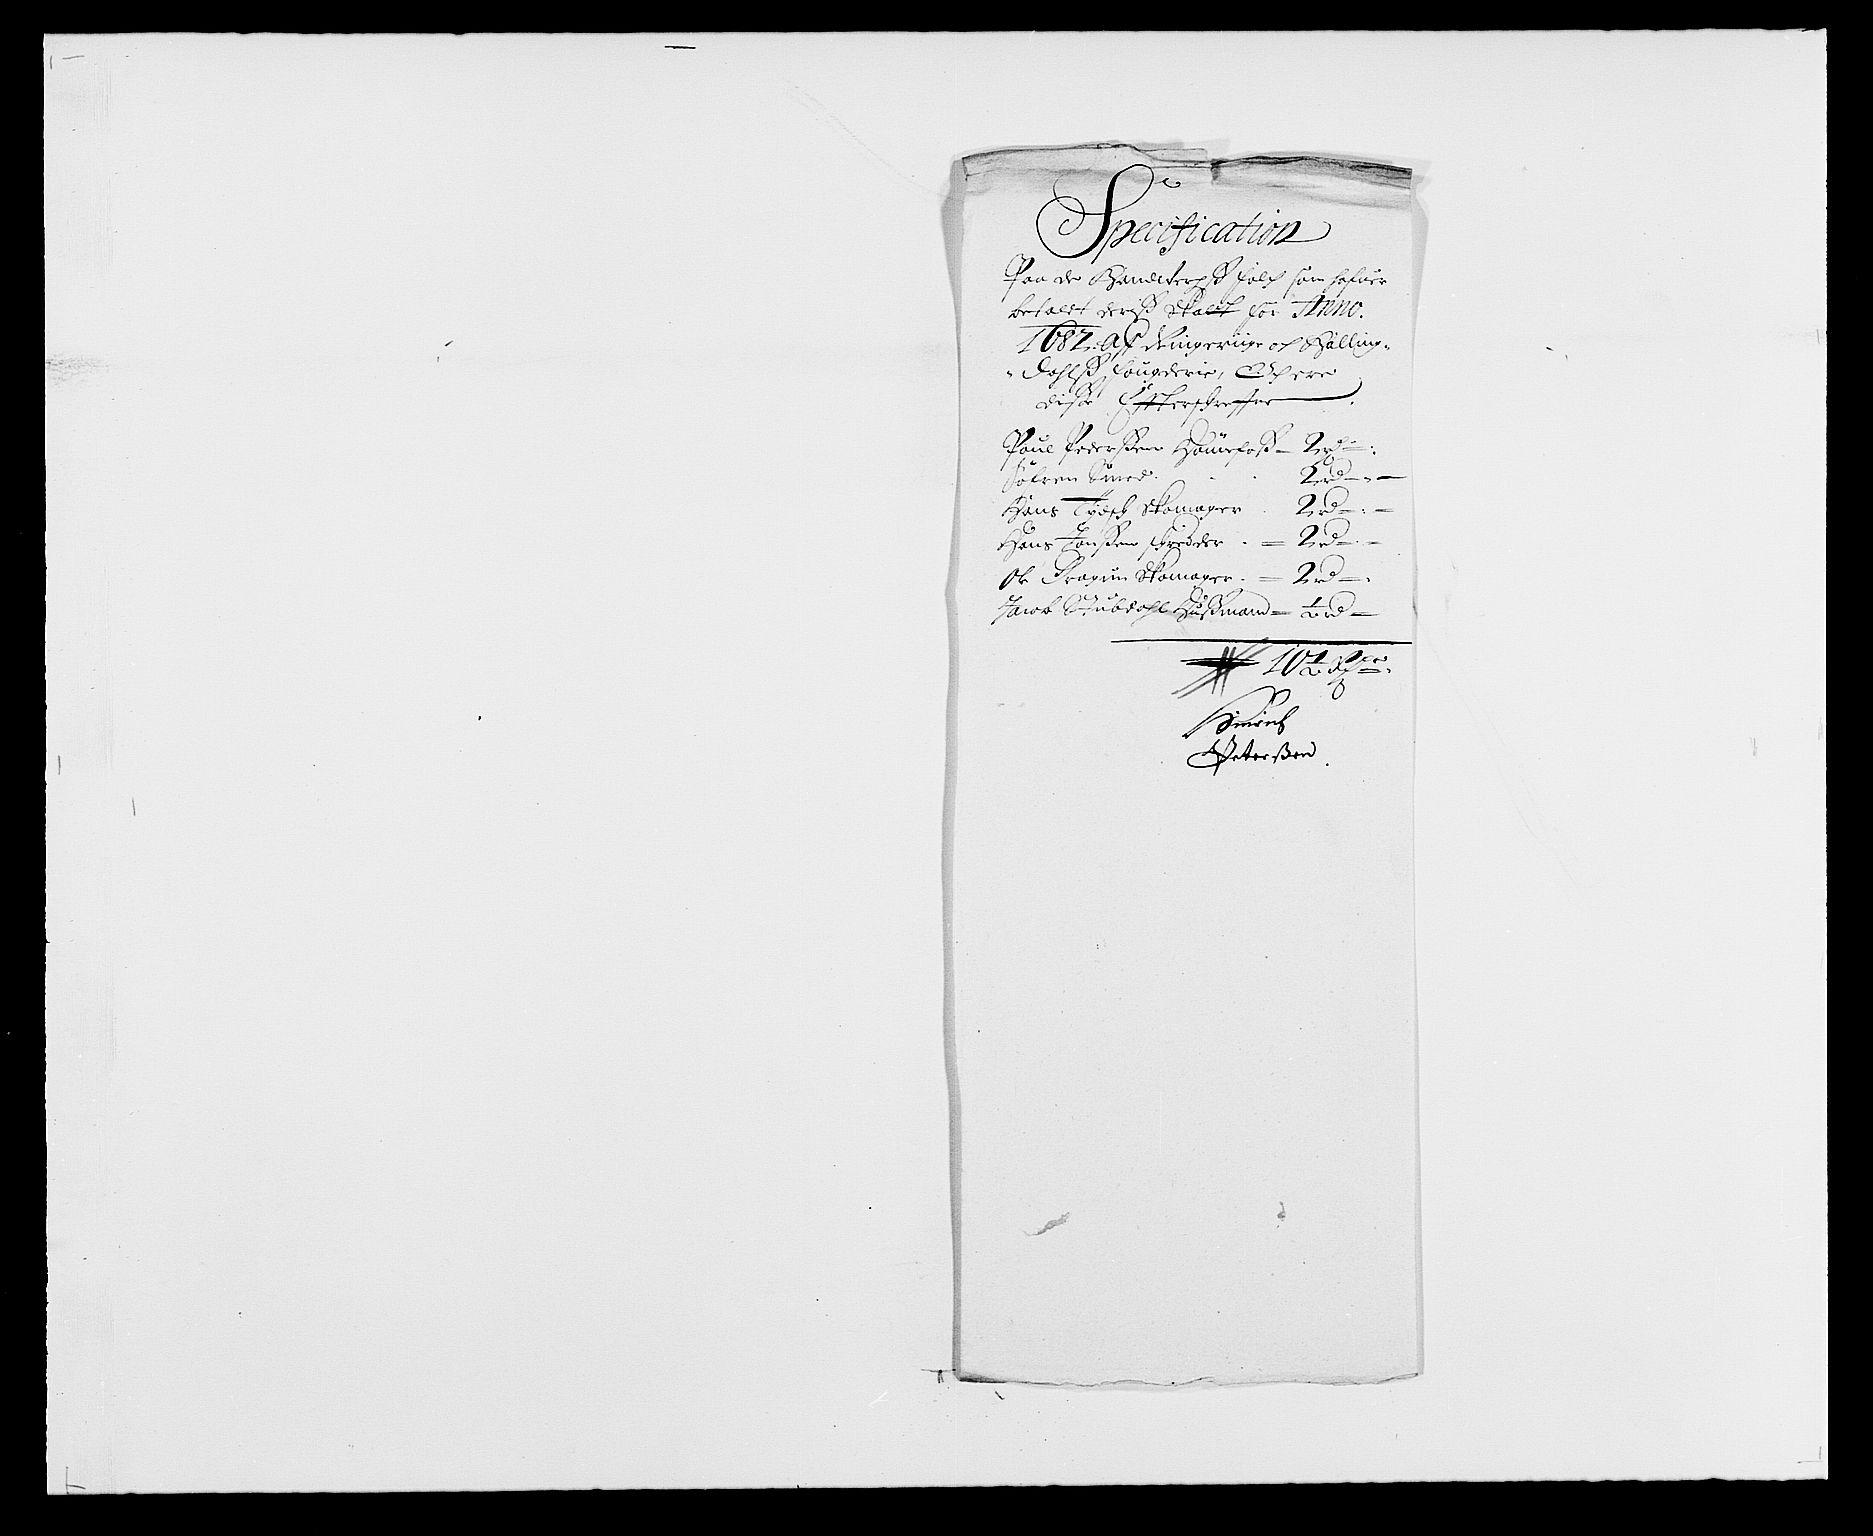 RA, Rentekammeret inntil 1814, Reviderte regnskaper, Fogderegnskap, R21/L1445: Fogderegnskap Ringerike og Hallingdal, 1681-1689, s. 376